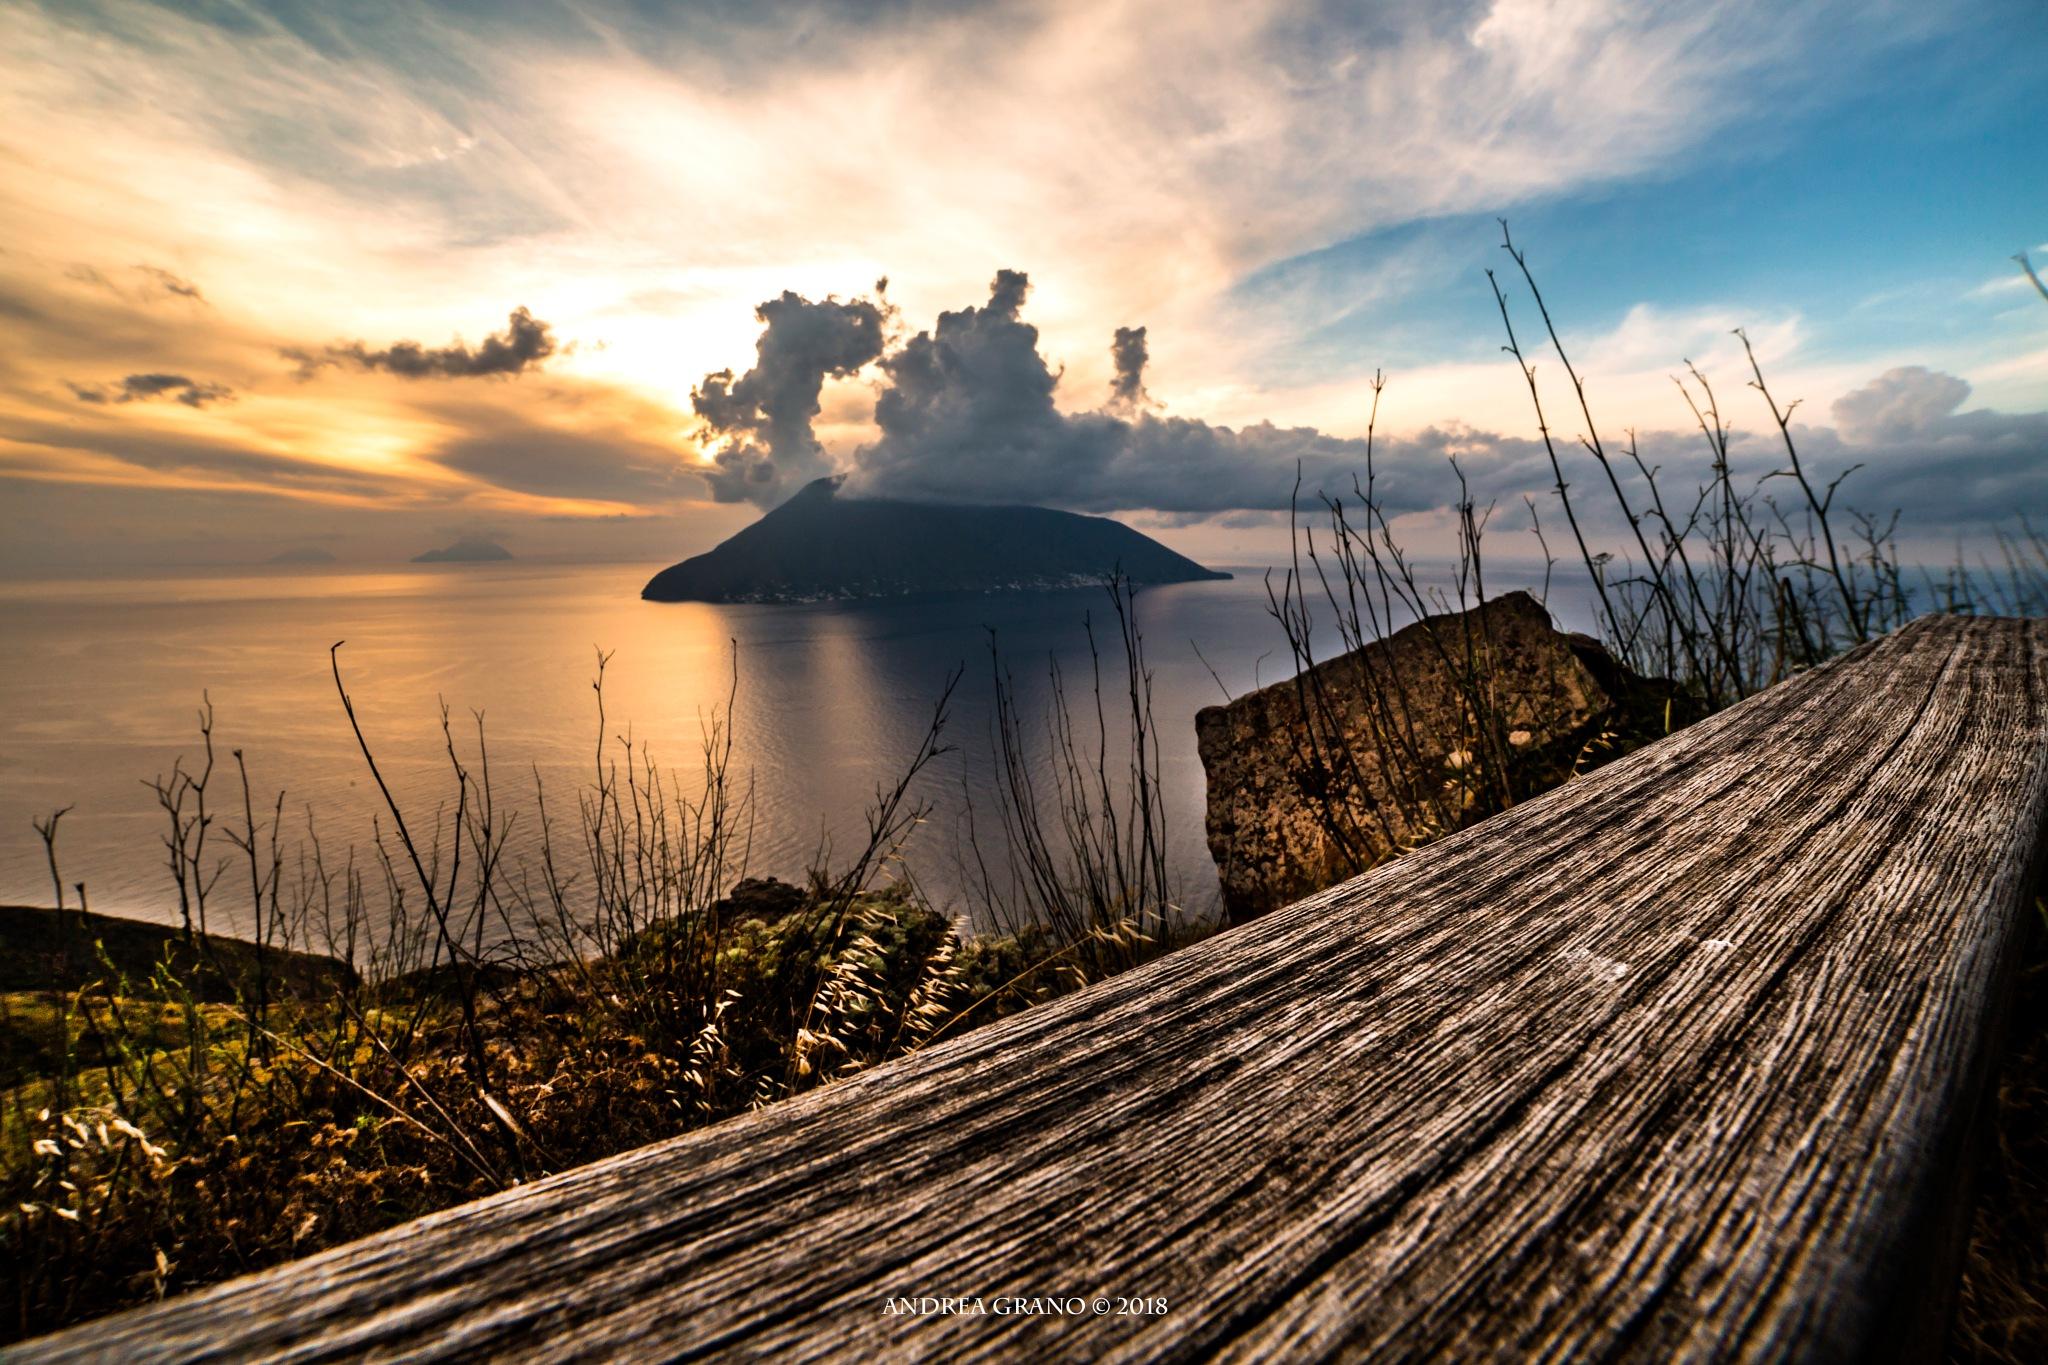 Salina at sunset by Andrea Grano